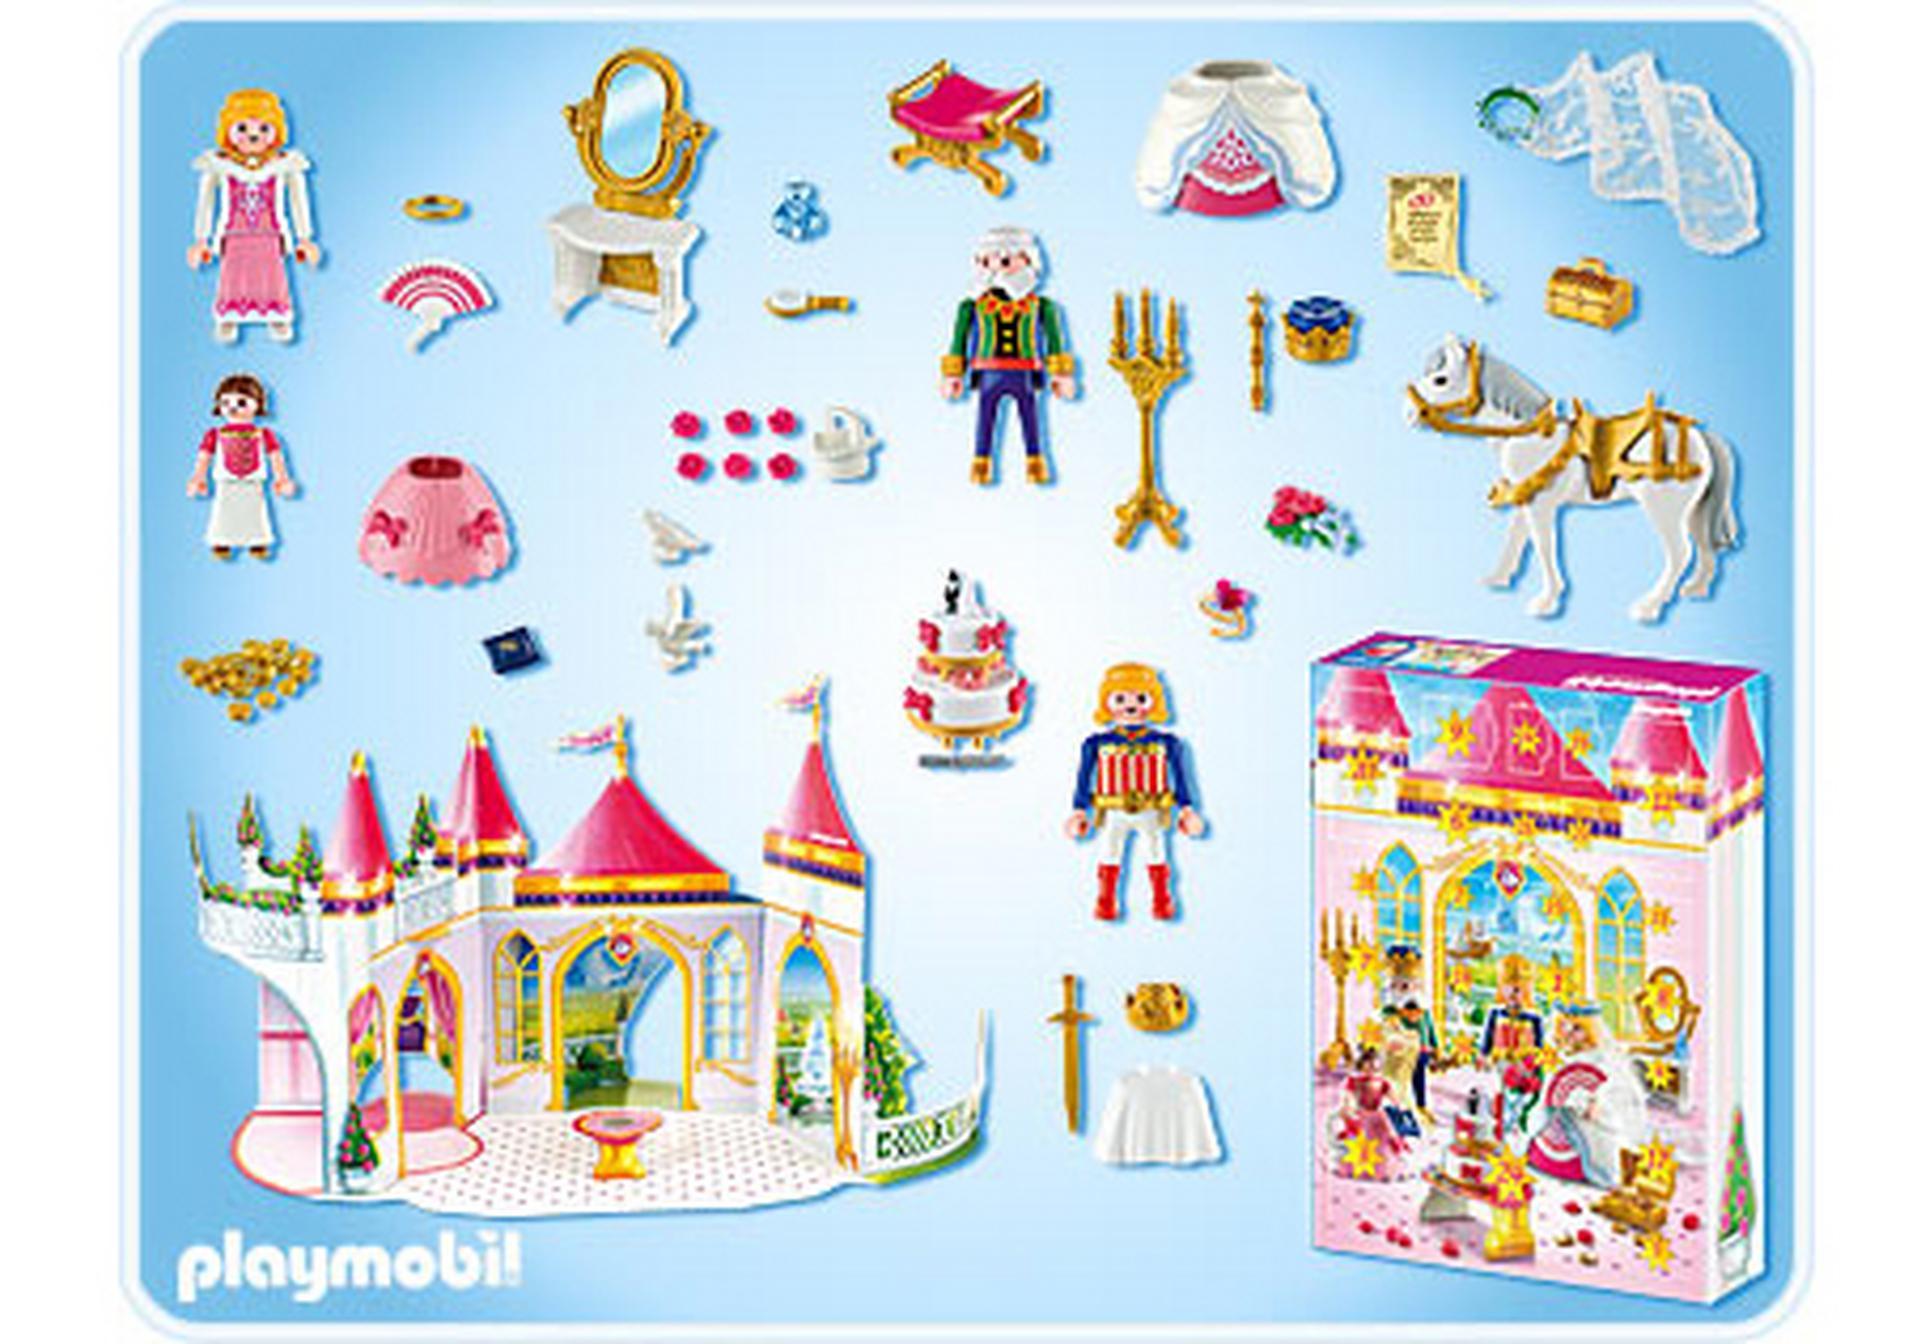 calendrier de l avent mariage de la princesse 4165 a playmobil suisse. Black Bedroom Furniture Sets. Home Design Ideas